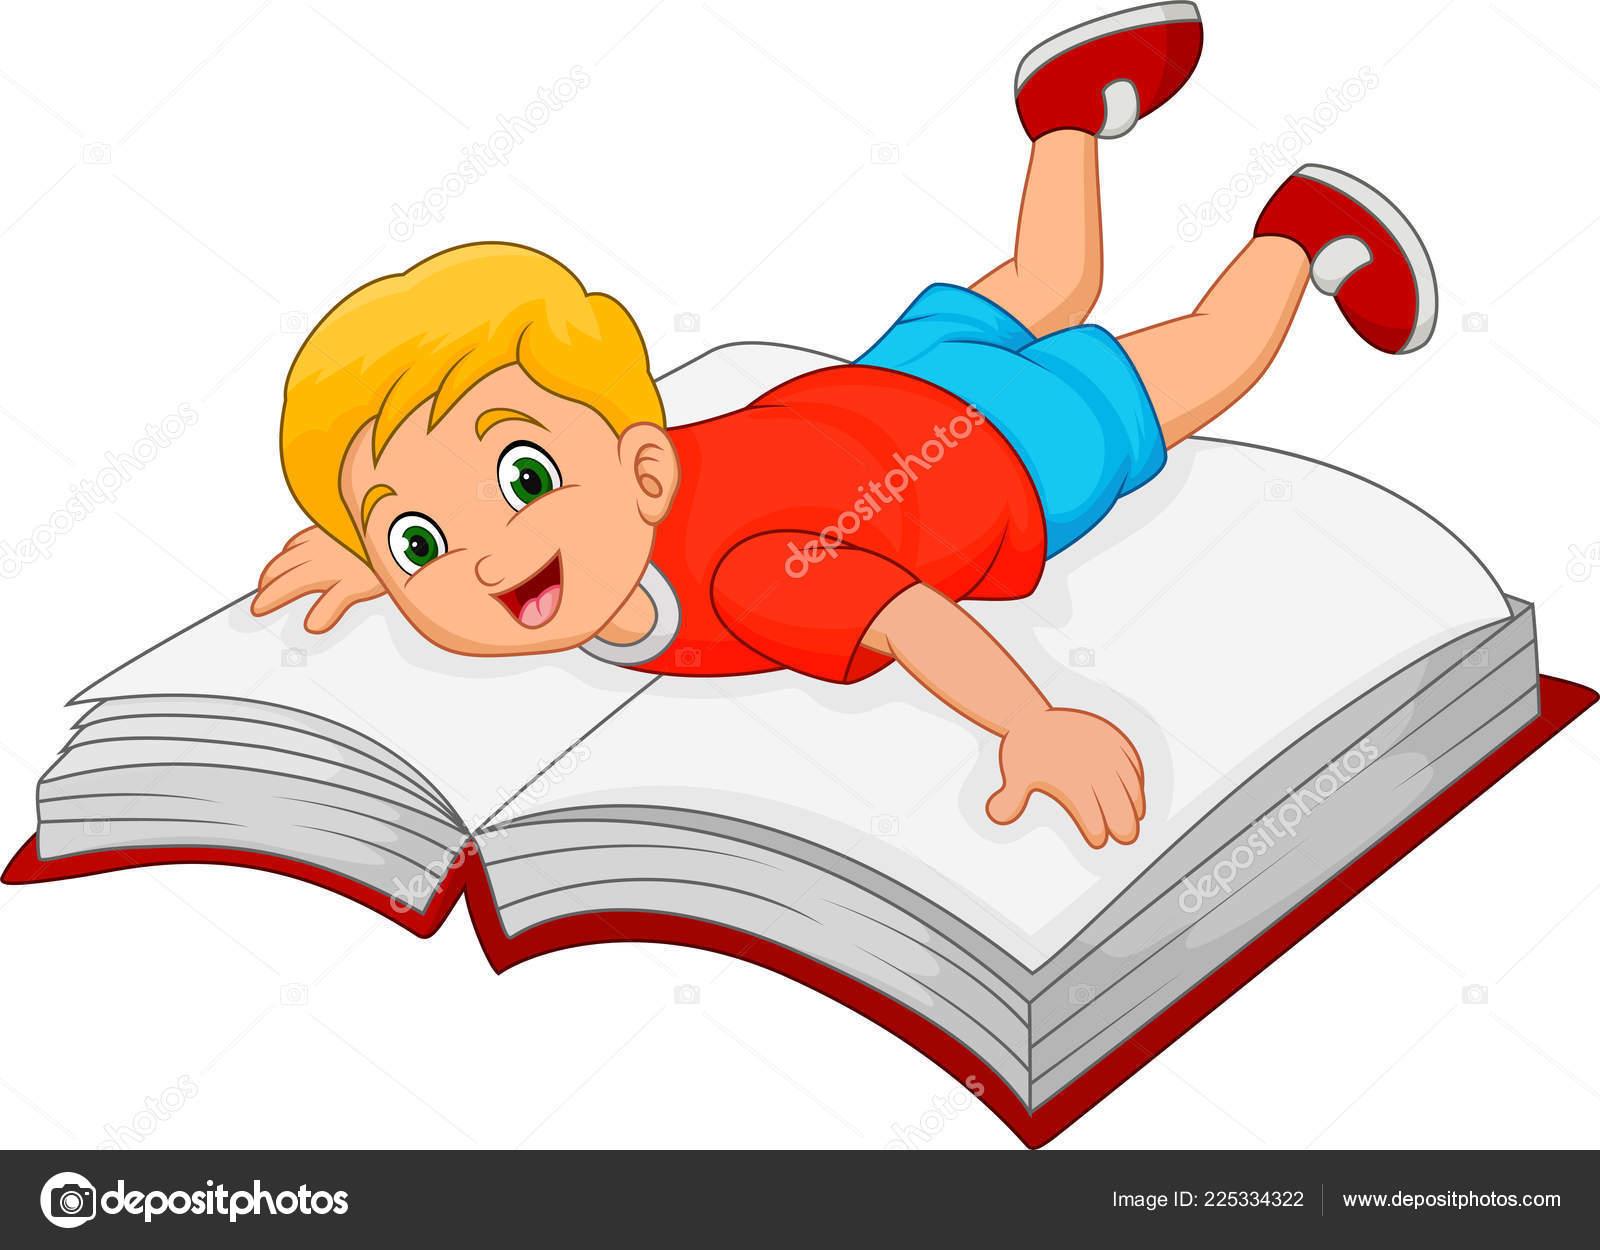 Petit Garcon Avec Gros Livre Dessin Anime Image